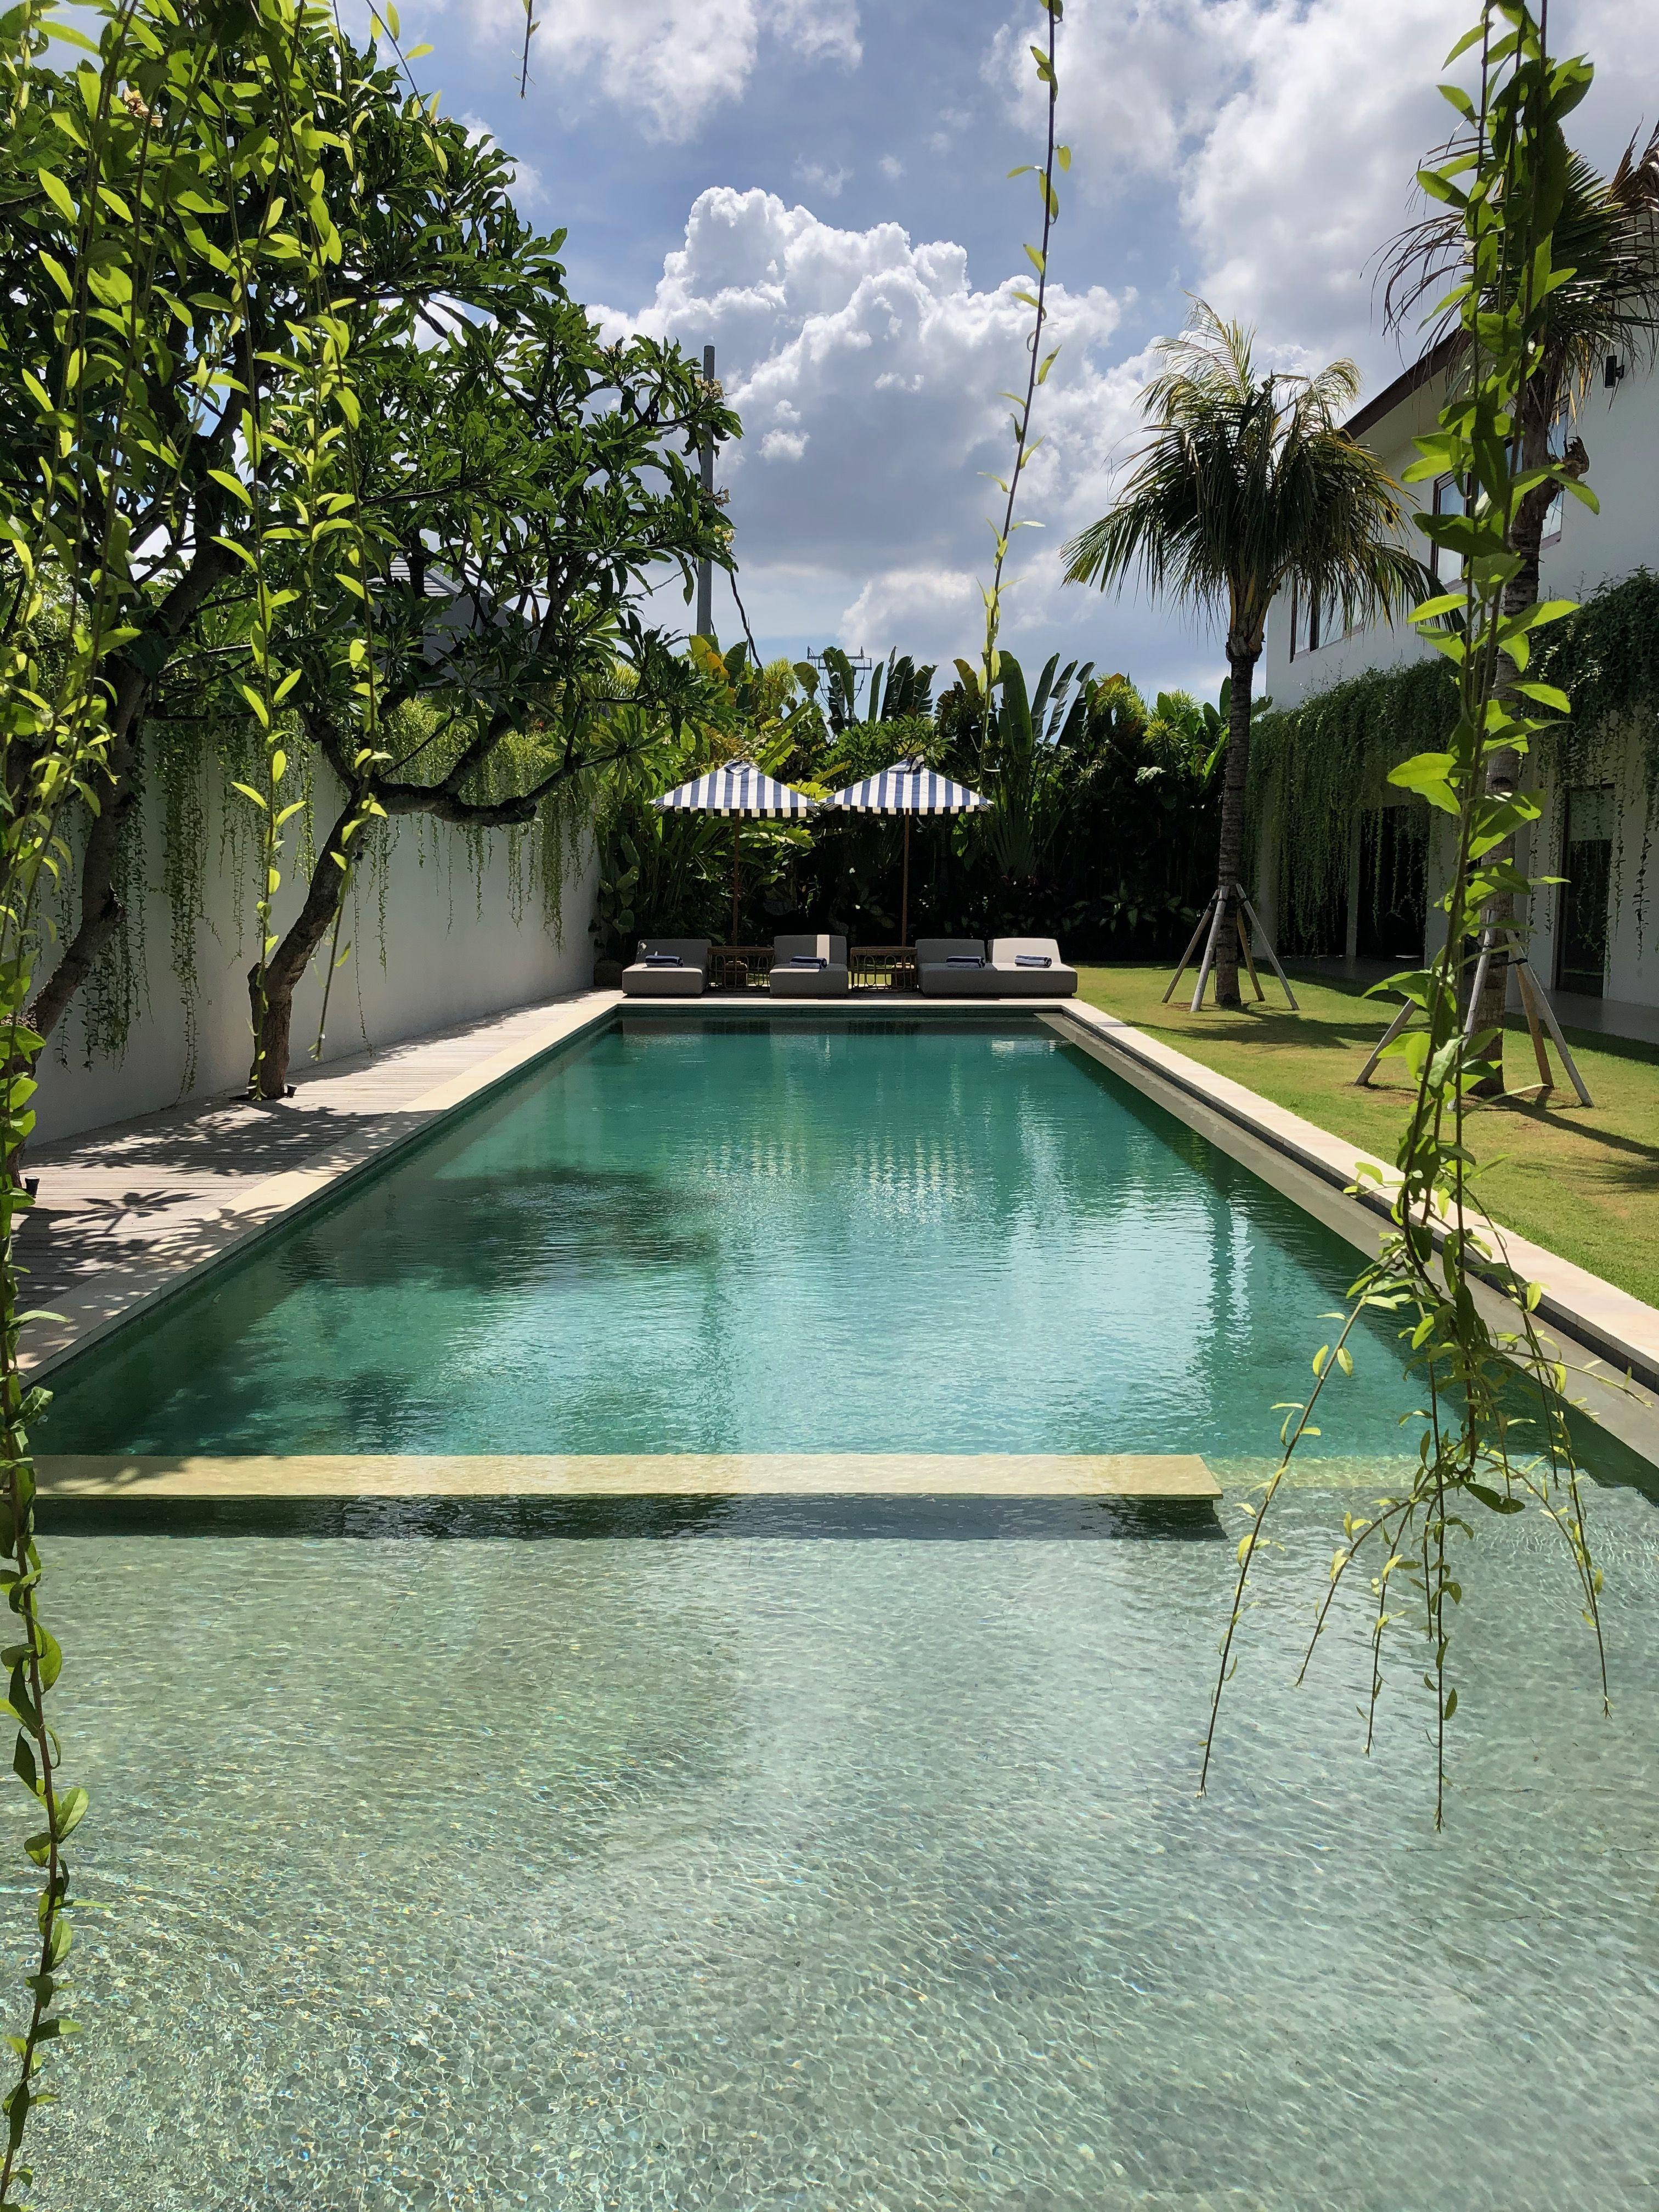 320 Our New Villas In Bali Ideas Bali Villa Bali Indonesia